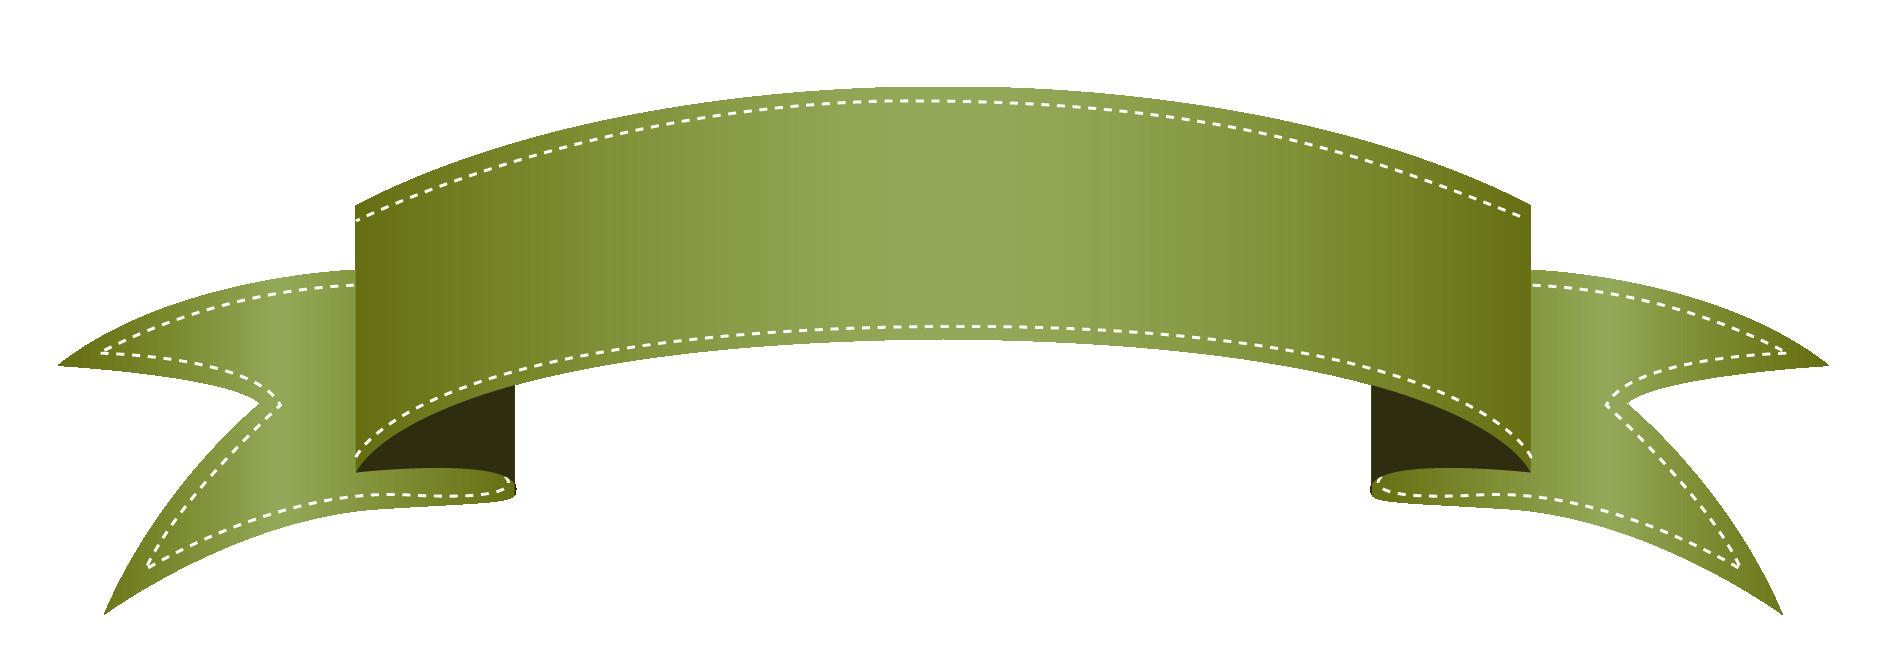 Green transparent banner clipart